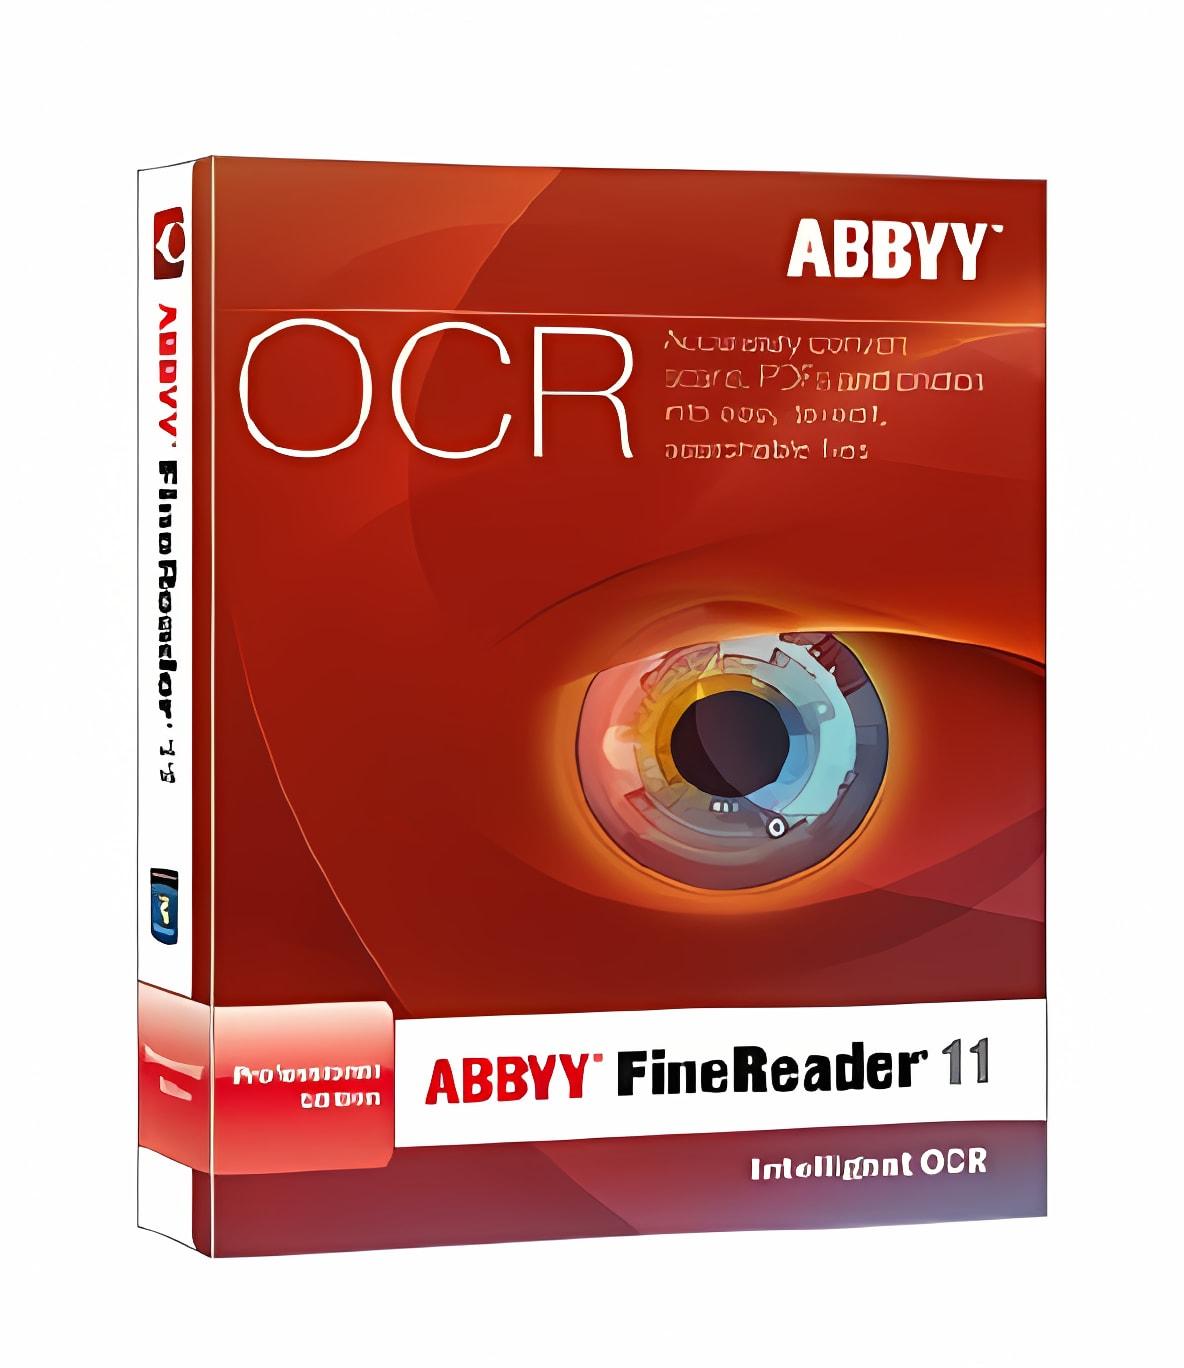 ABBYY FineReader Edição Brasil 11.0.102.519